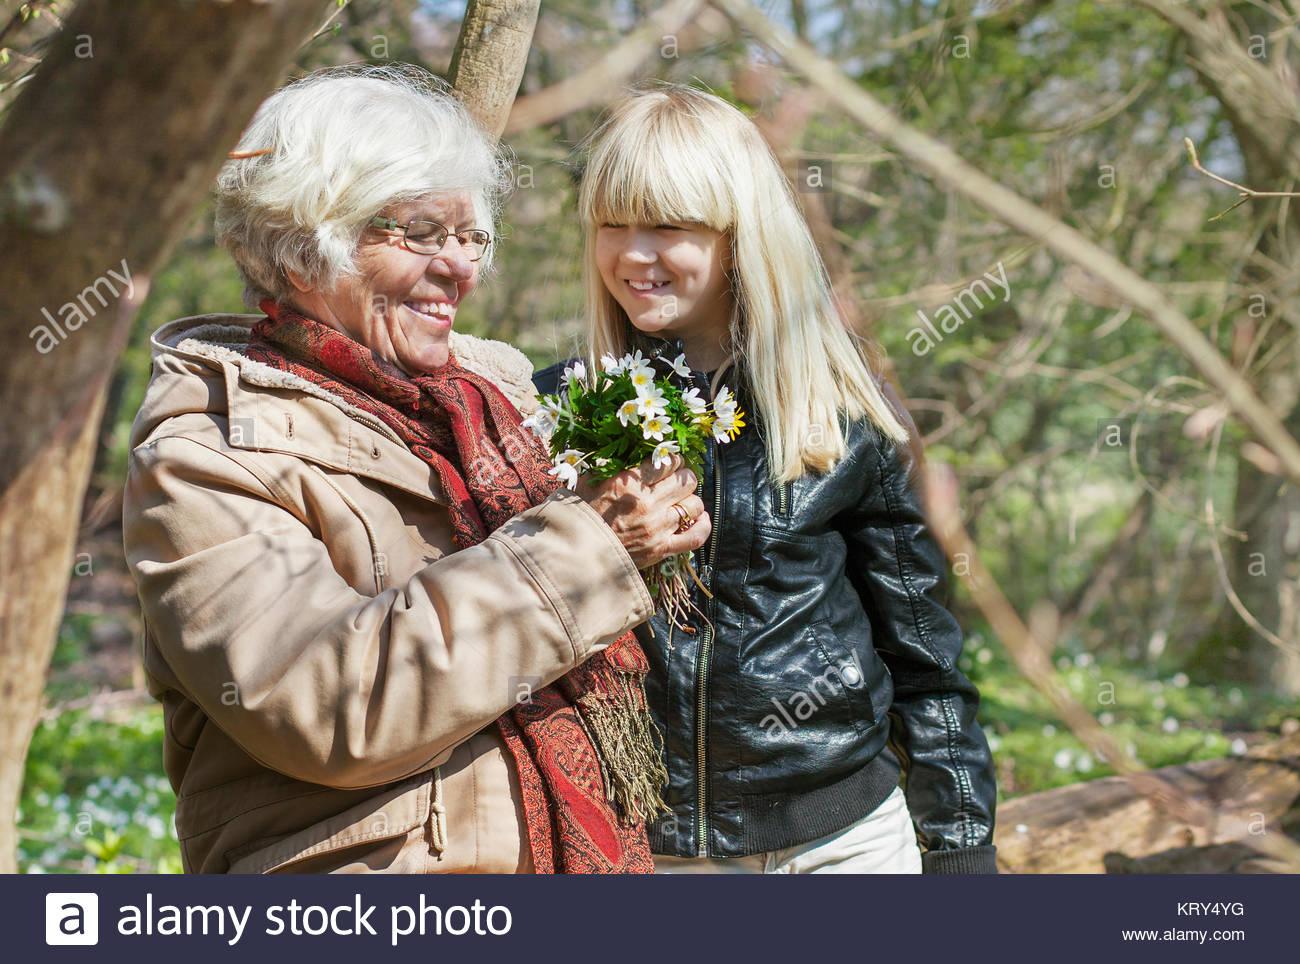 Chica recoger flores con su abuela Imagen De Stock